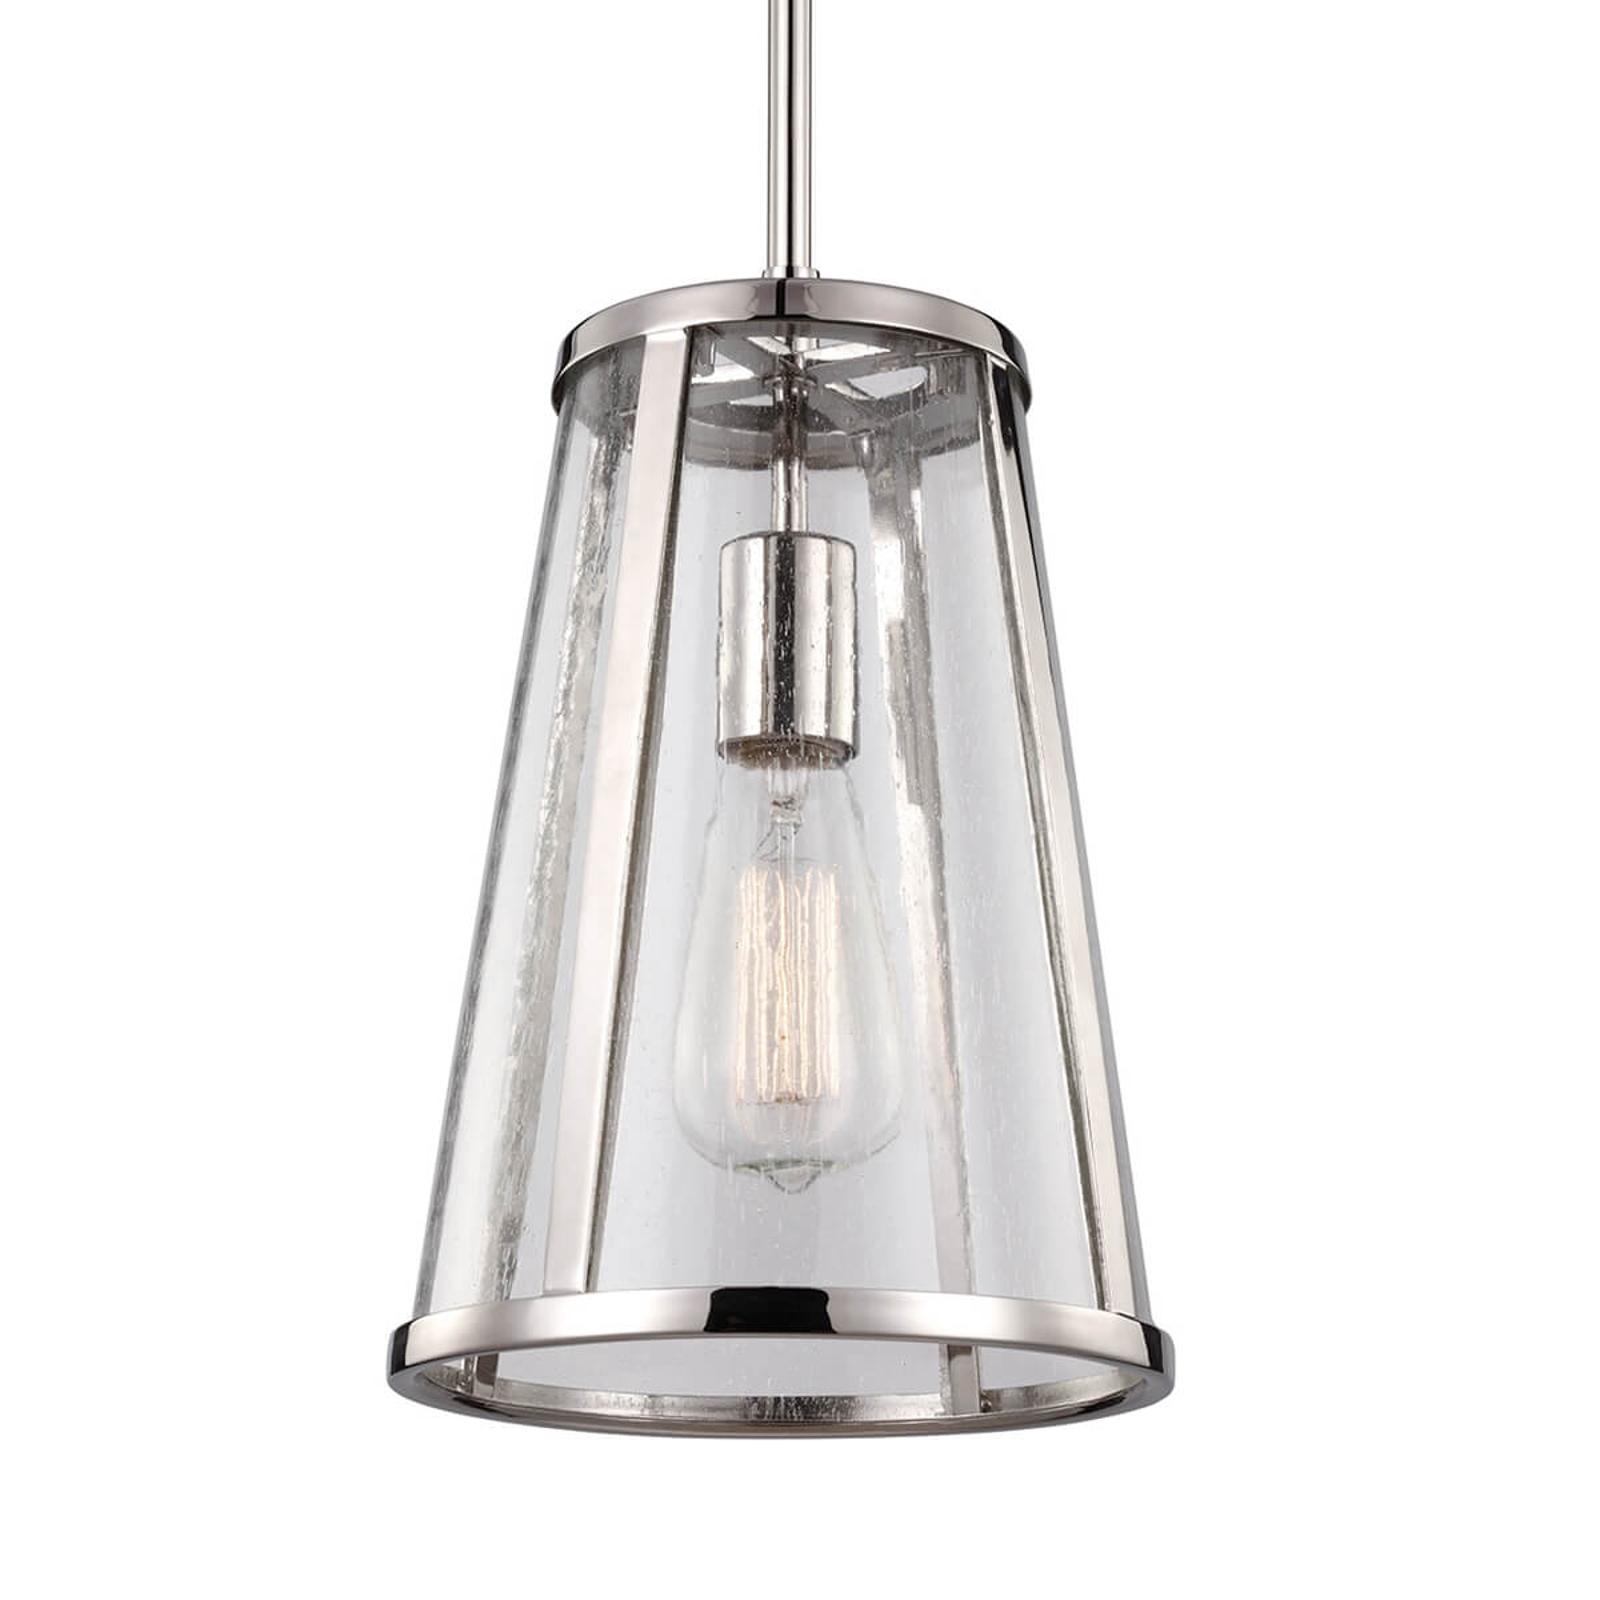 Lampa wisząca Harrow ze sztywnym zawieszeniem